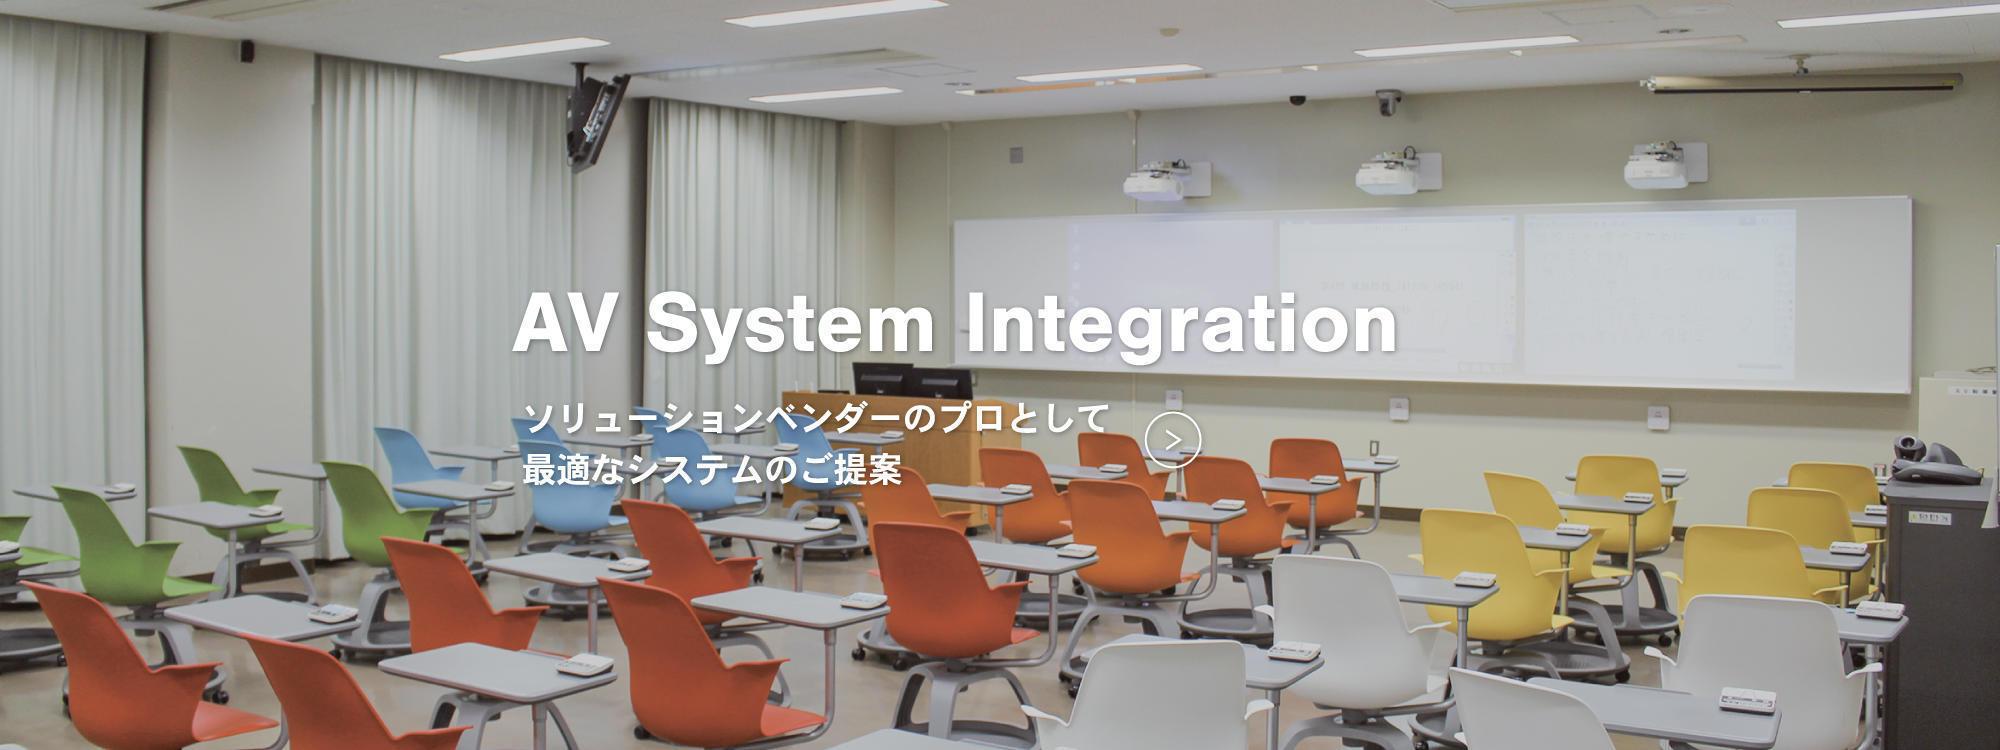 AV System Integration